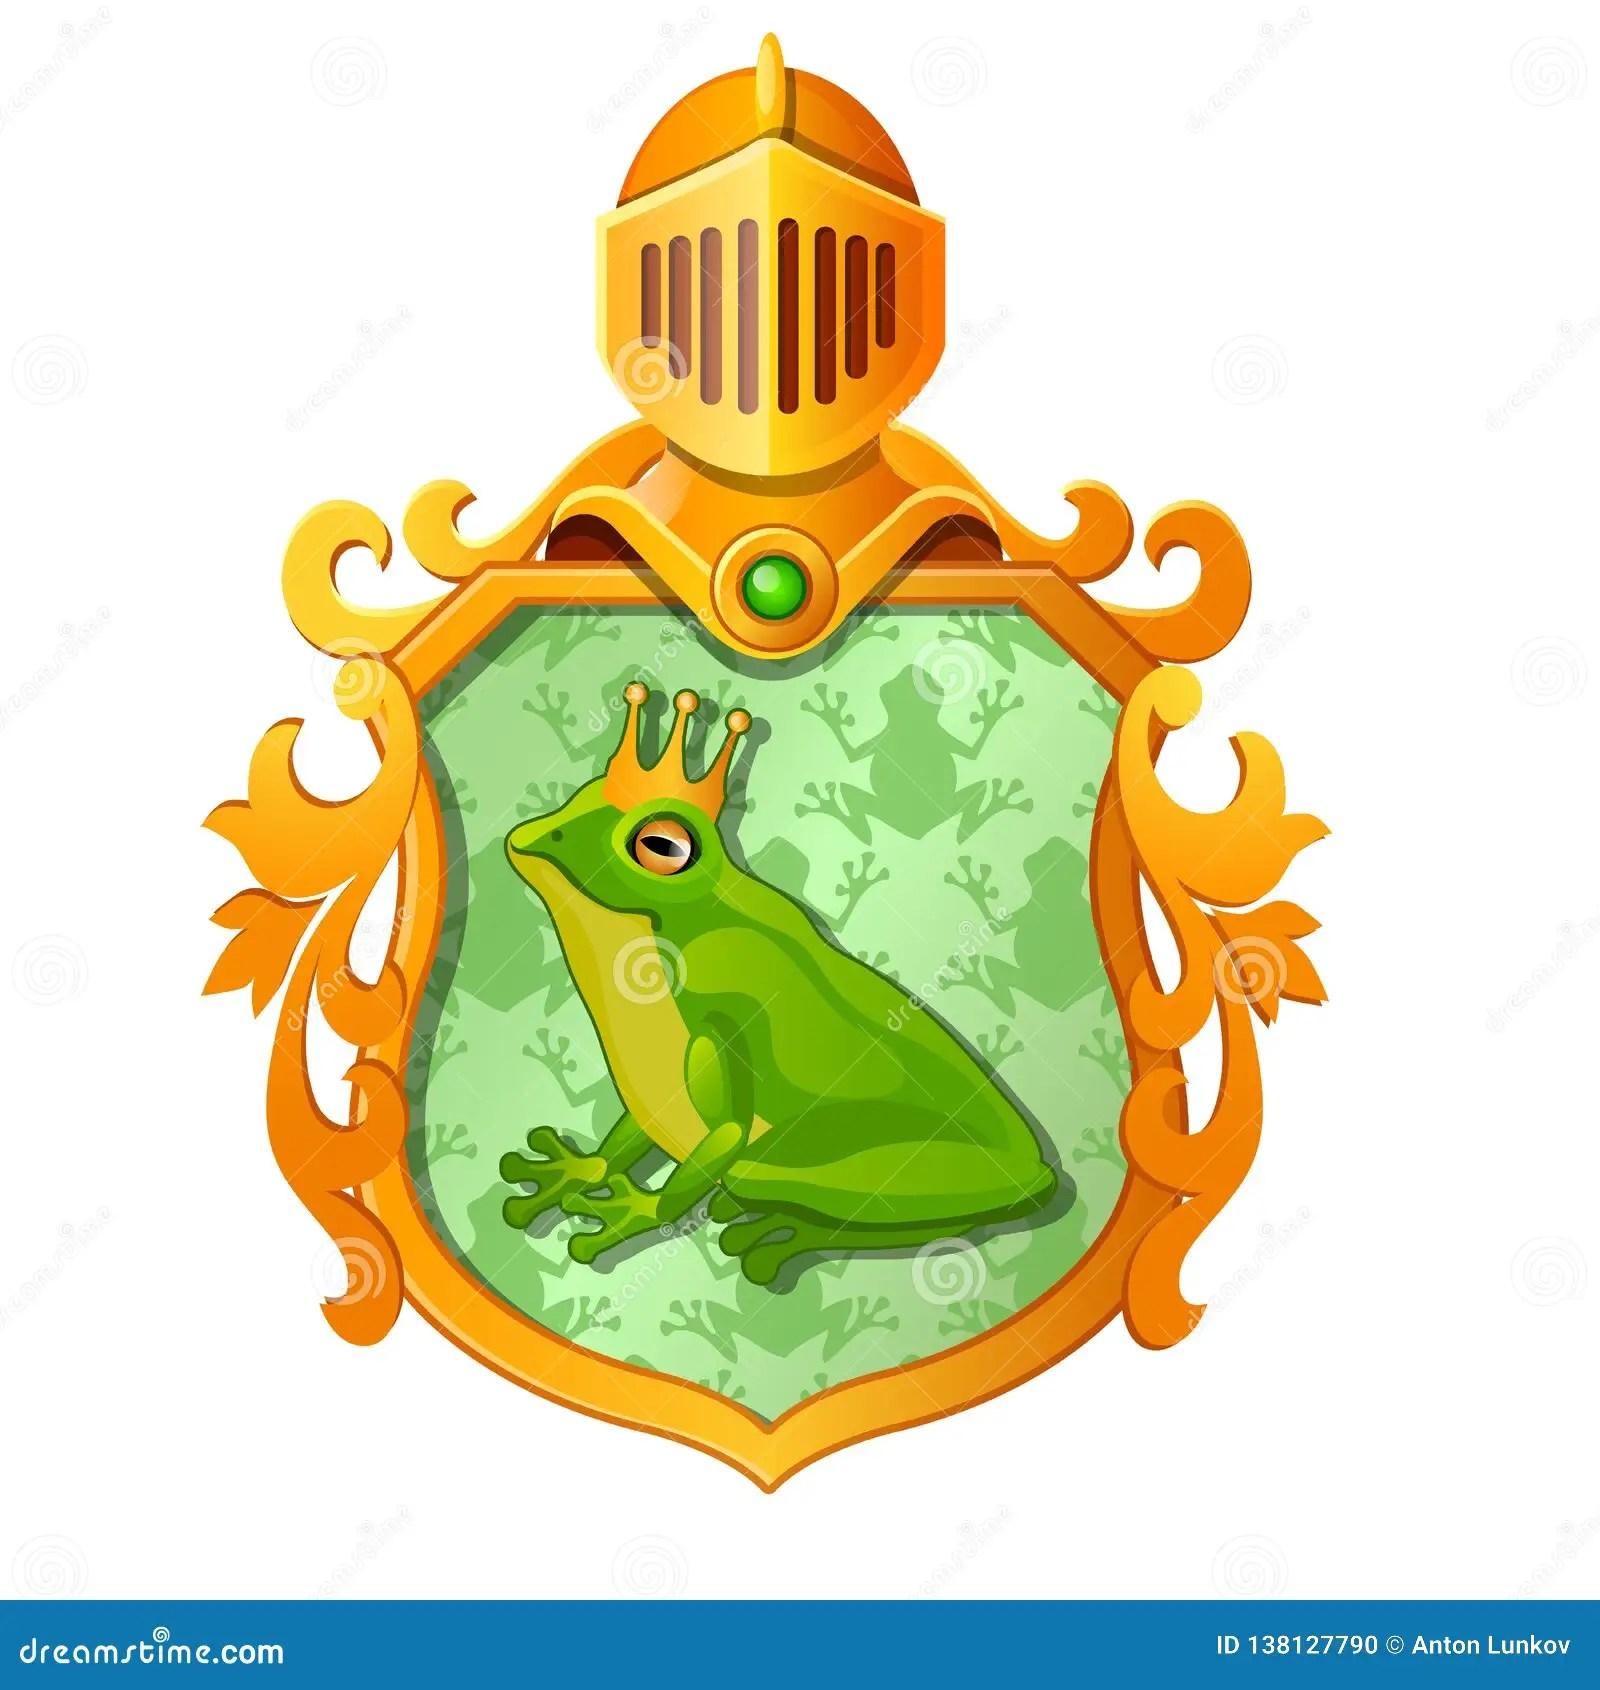 Frog Ornate Vector Illustration